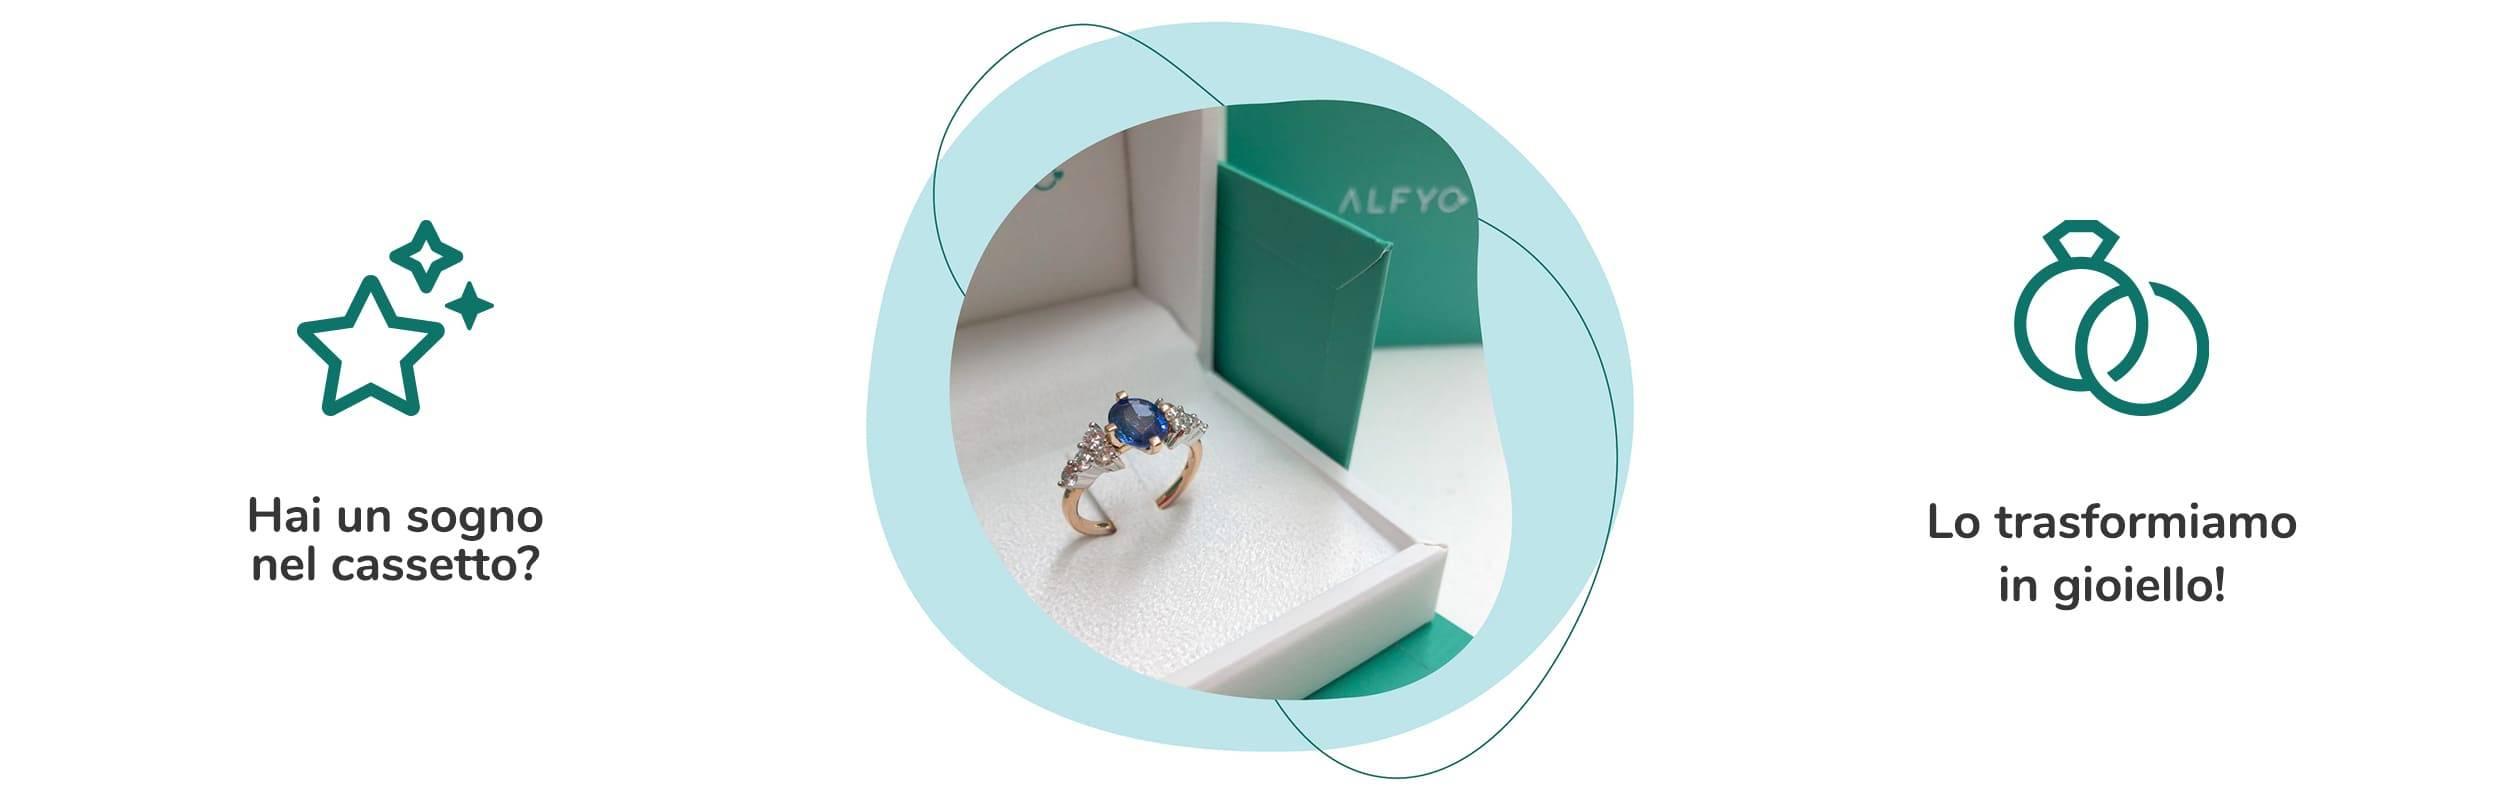 anello con zaffiro personalizzato gioielleria alfyo